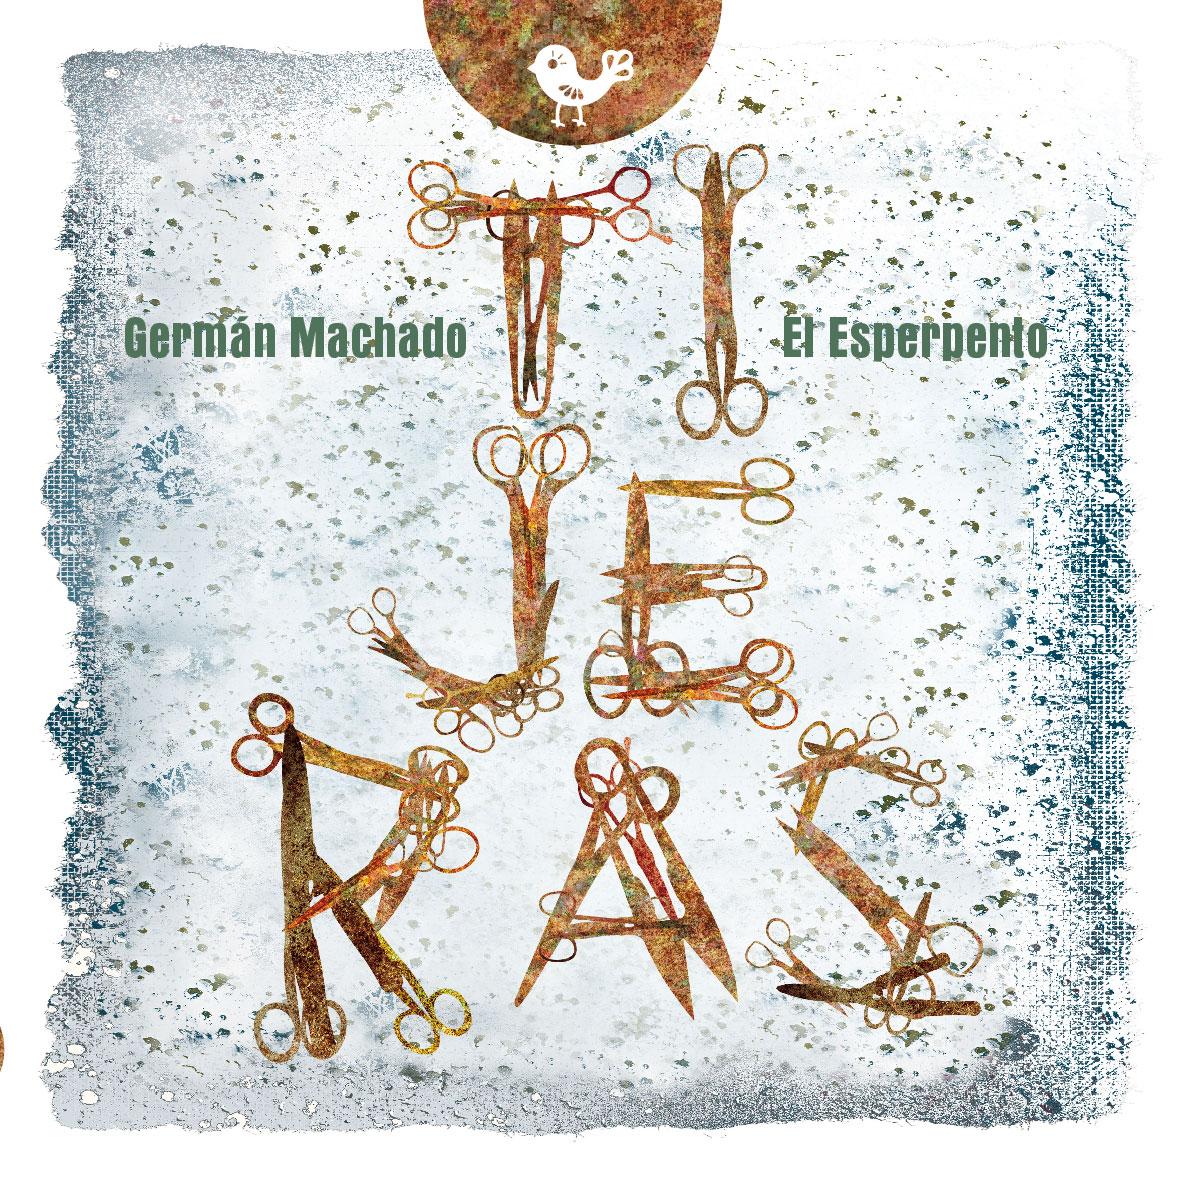 Portada del libro Tijeras. Fuente: http://edicioneslaterraza.com.ar CC BY SA